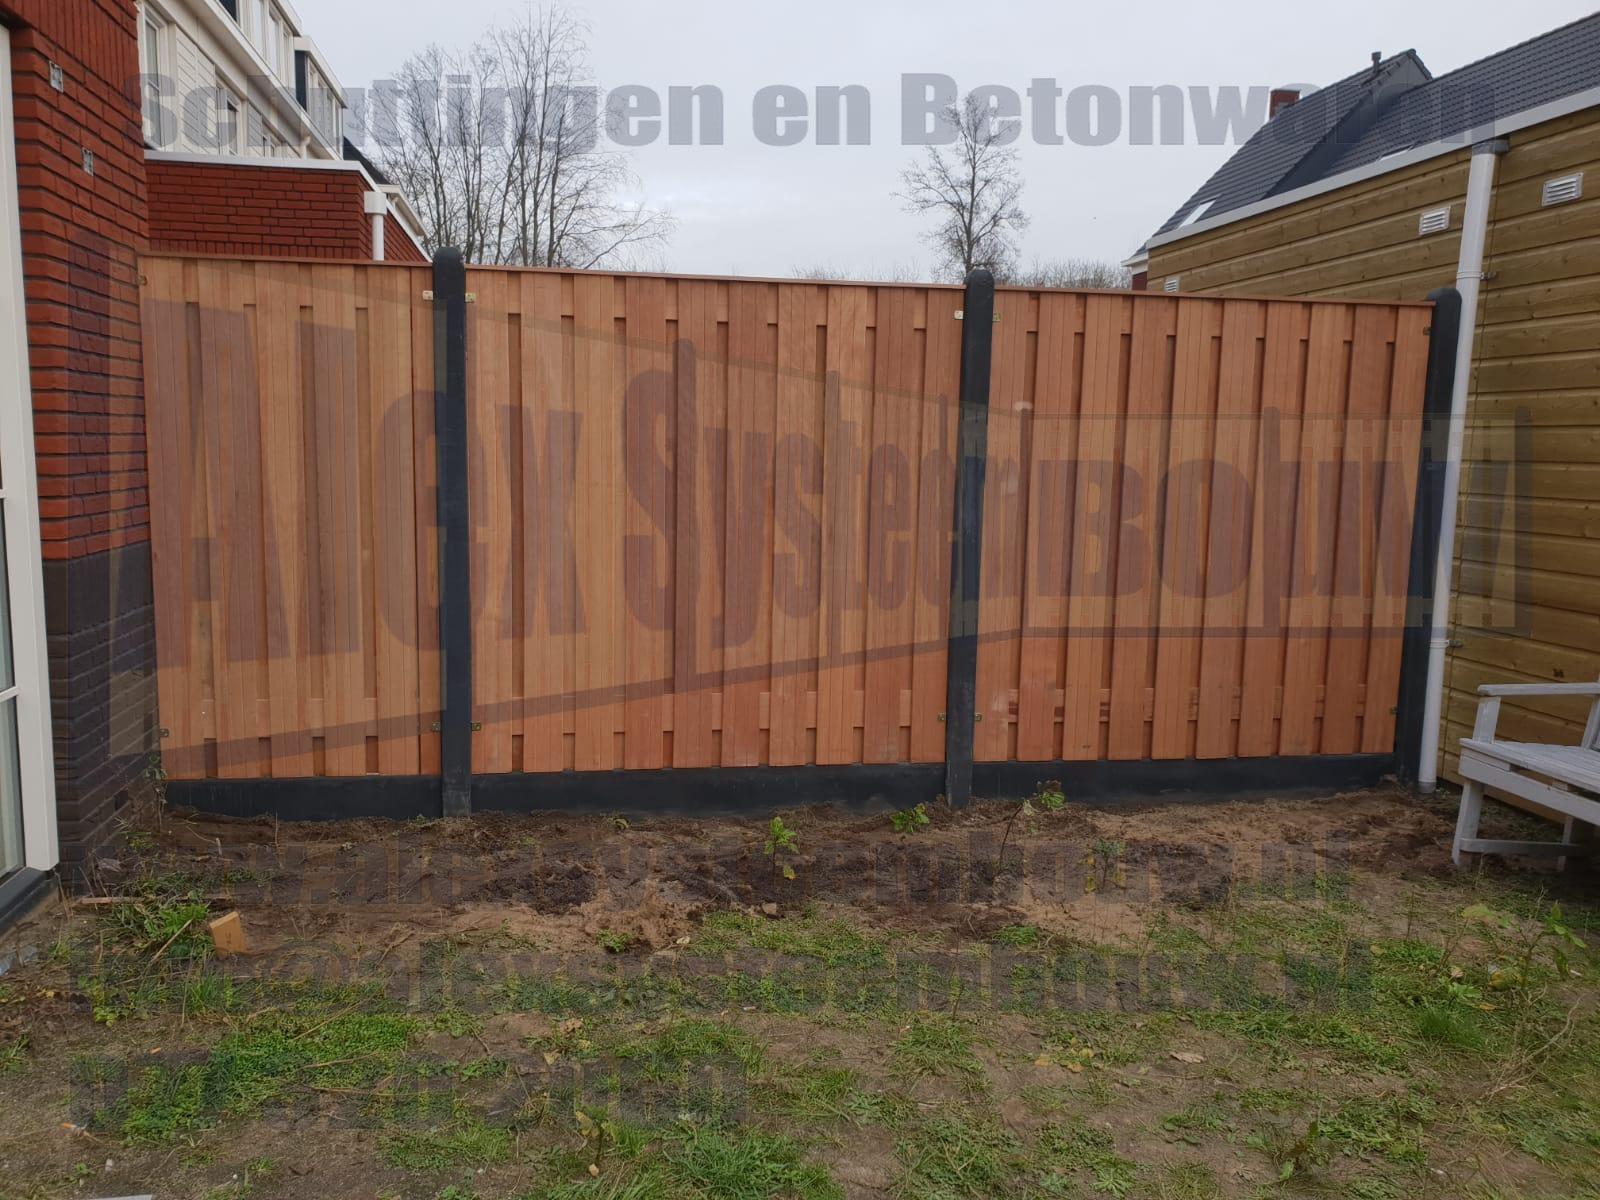 lariks-douglas-21-planks-hout-beton-kegel-kop